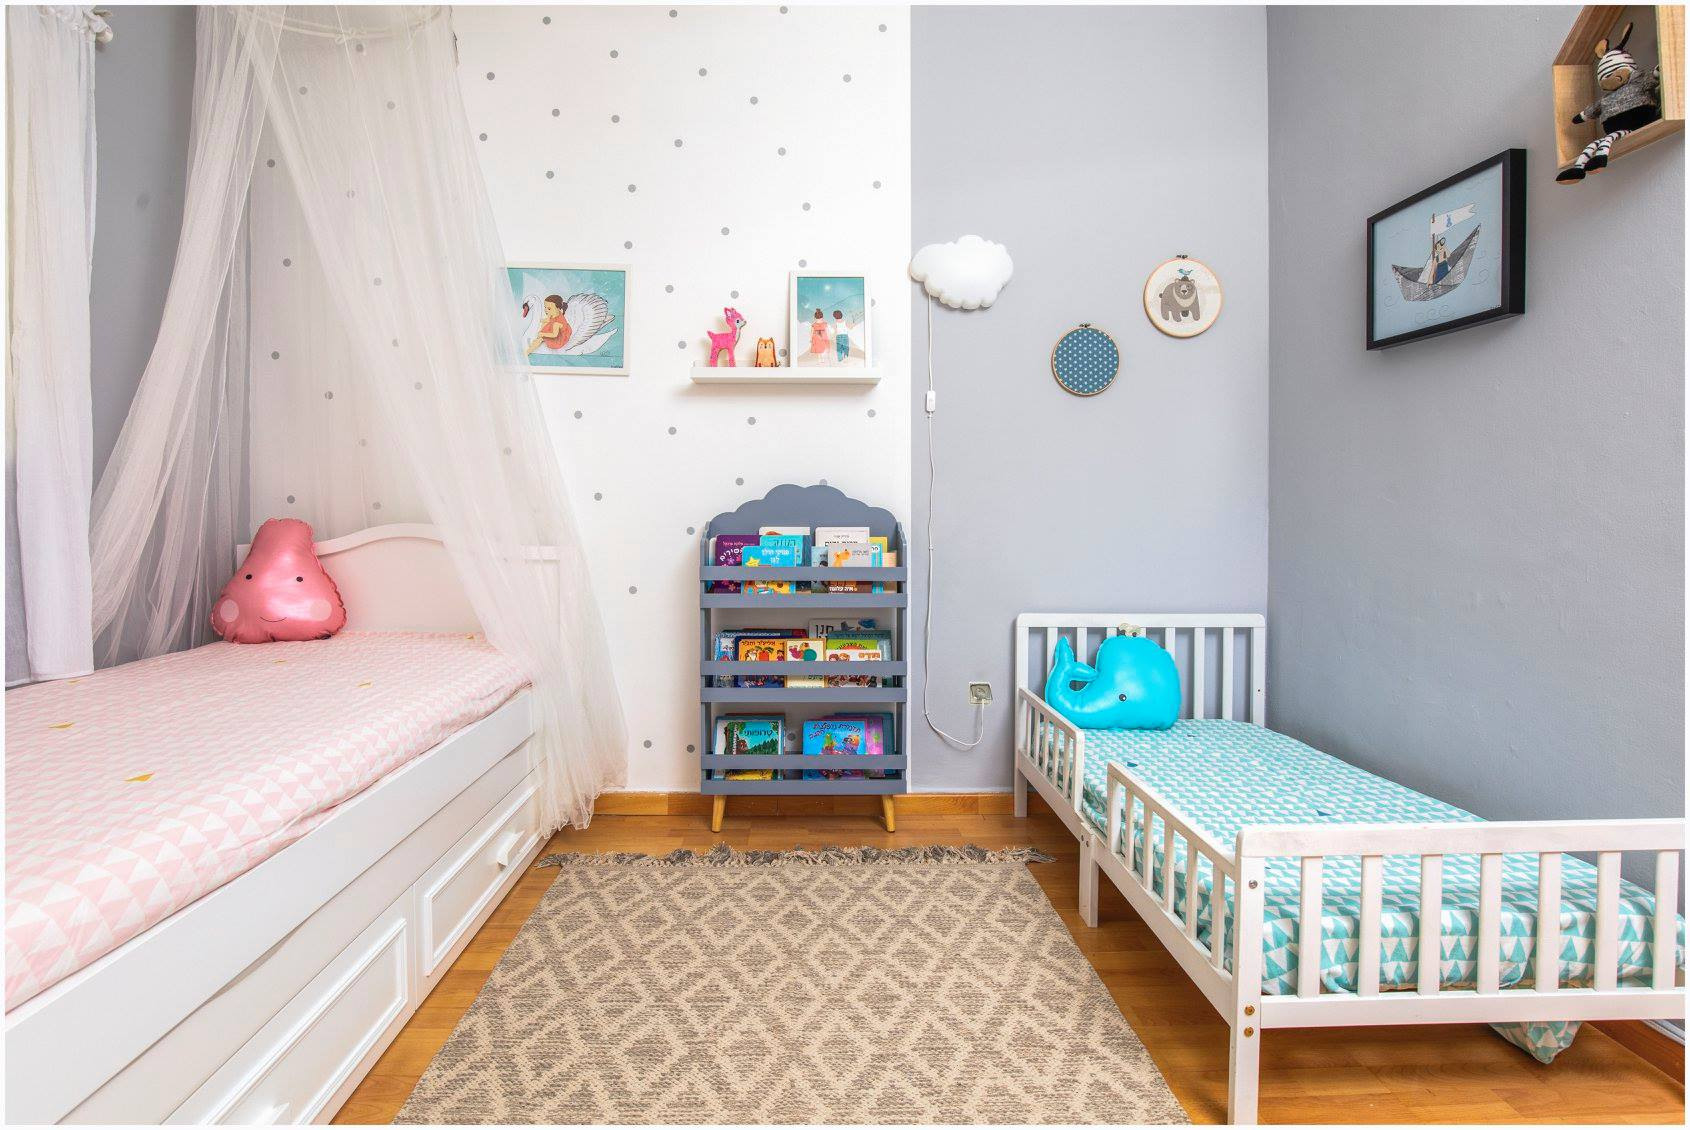 עיצוב חדר ילדים עפרי ורואי 05